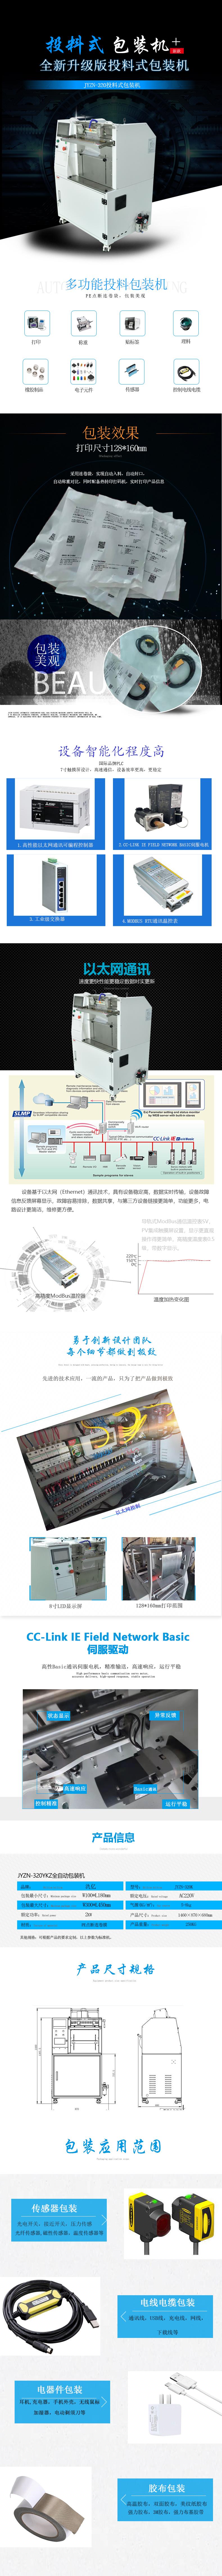 JYZN-350连卷袋智能包装机